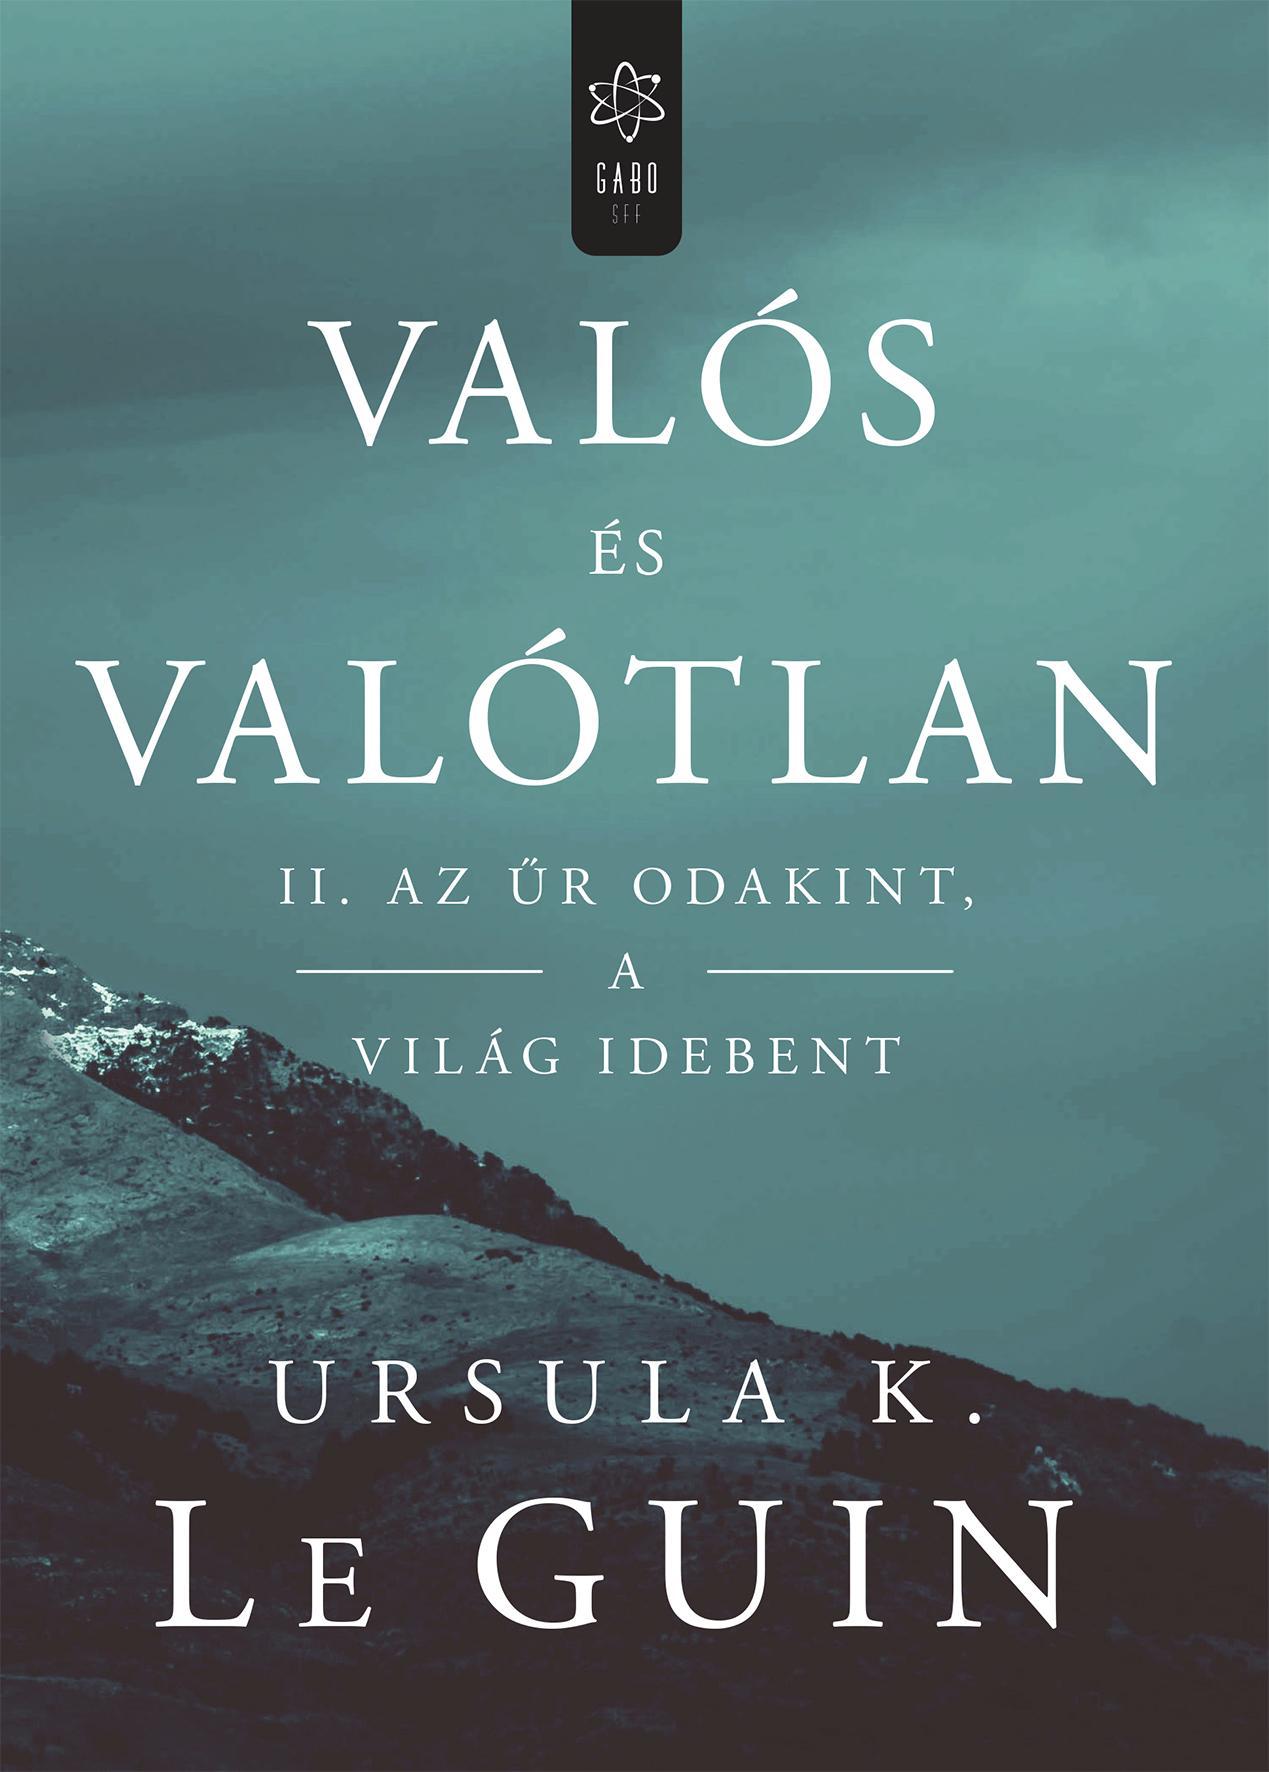 ursula_le_guin02_valos_es_valotlan2.jpg